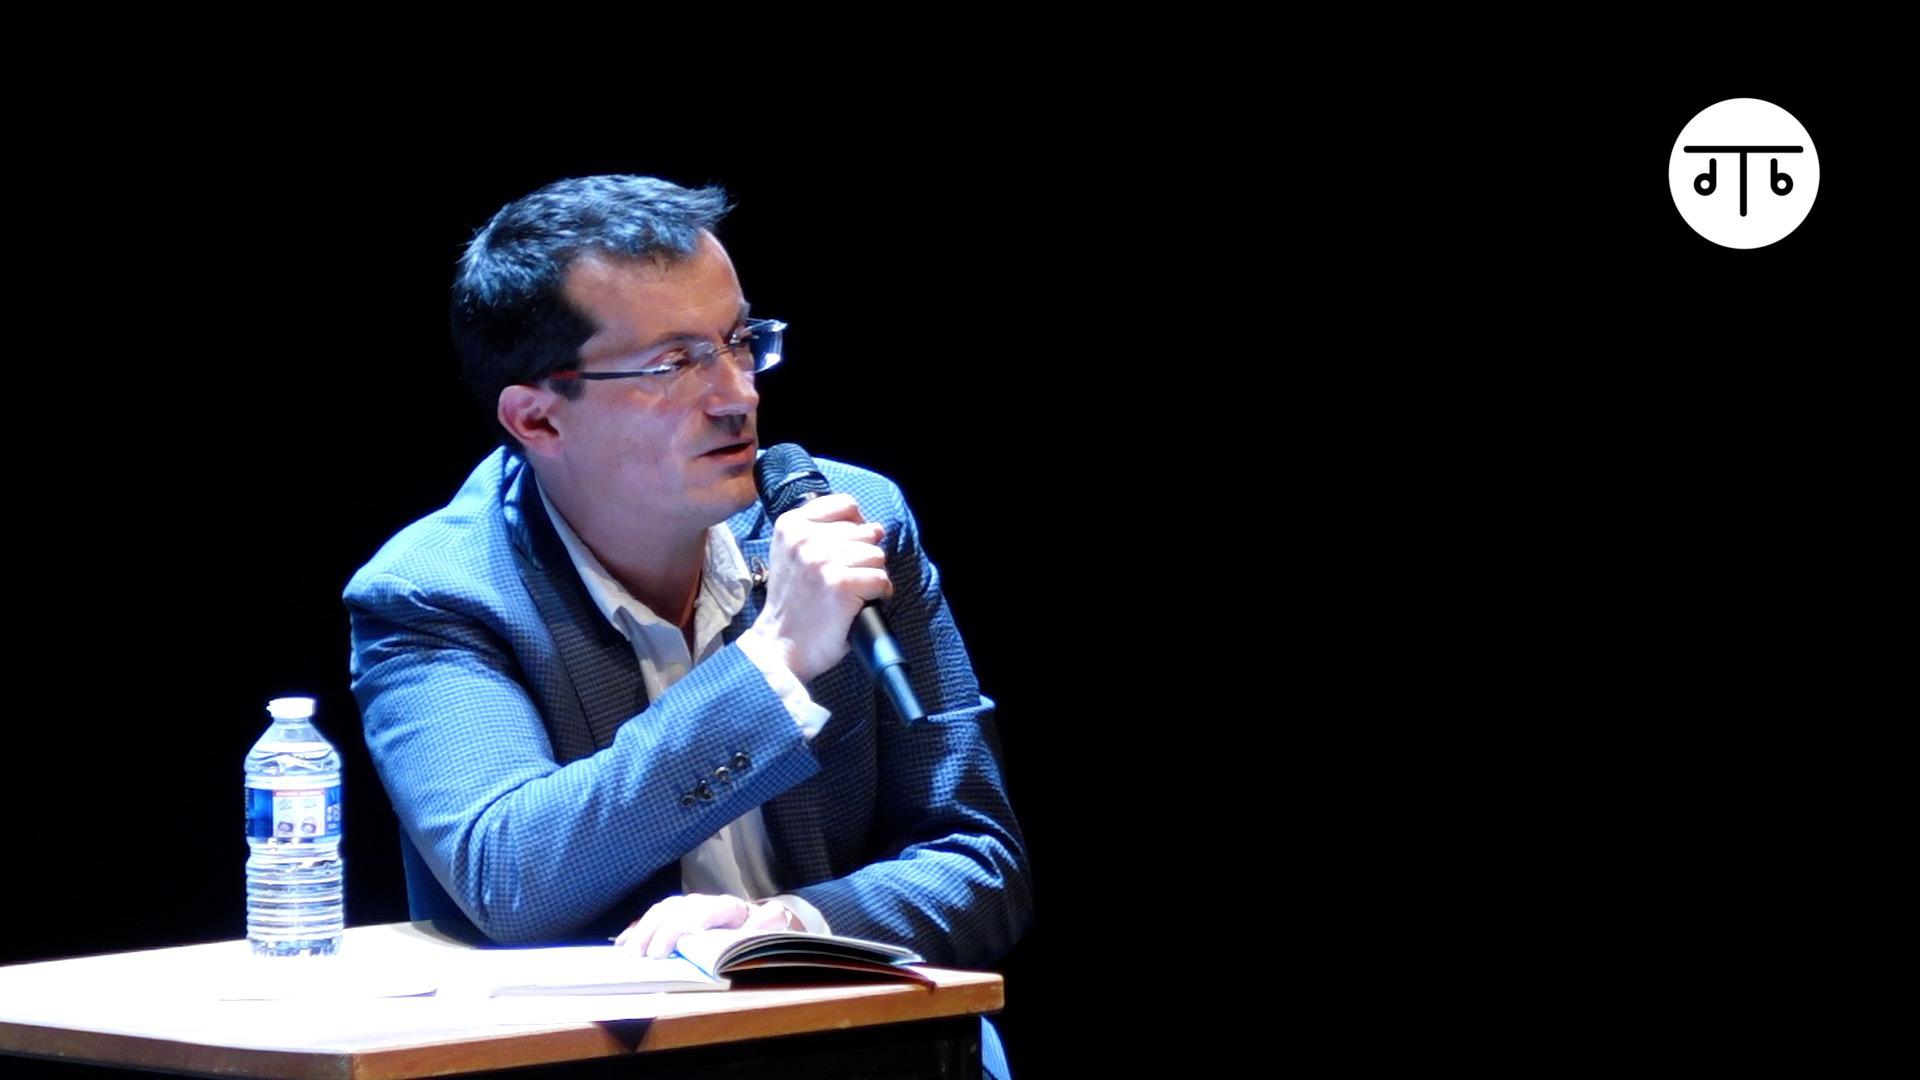 """Vidéo """"Sous d'autres cieux"""", m.e.s. Maëlle Poésy, présentation par Benoît Lambert"""